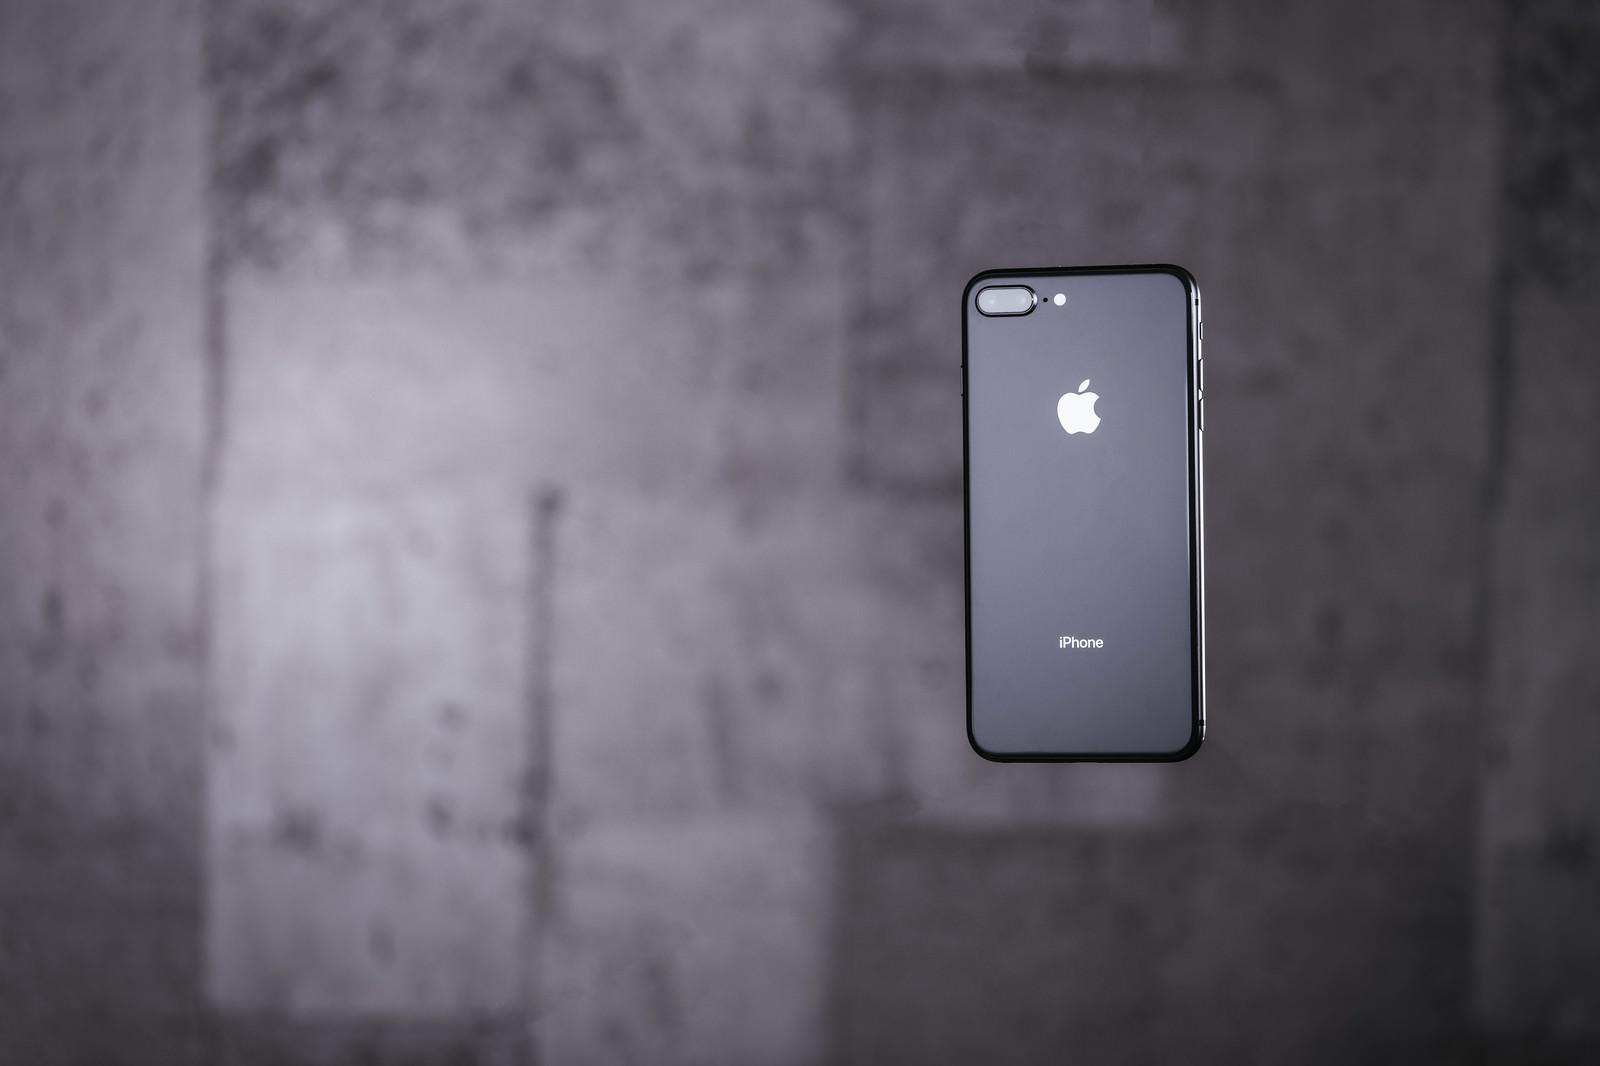 「宙に浮いた最新スマートフォン」の写真